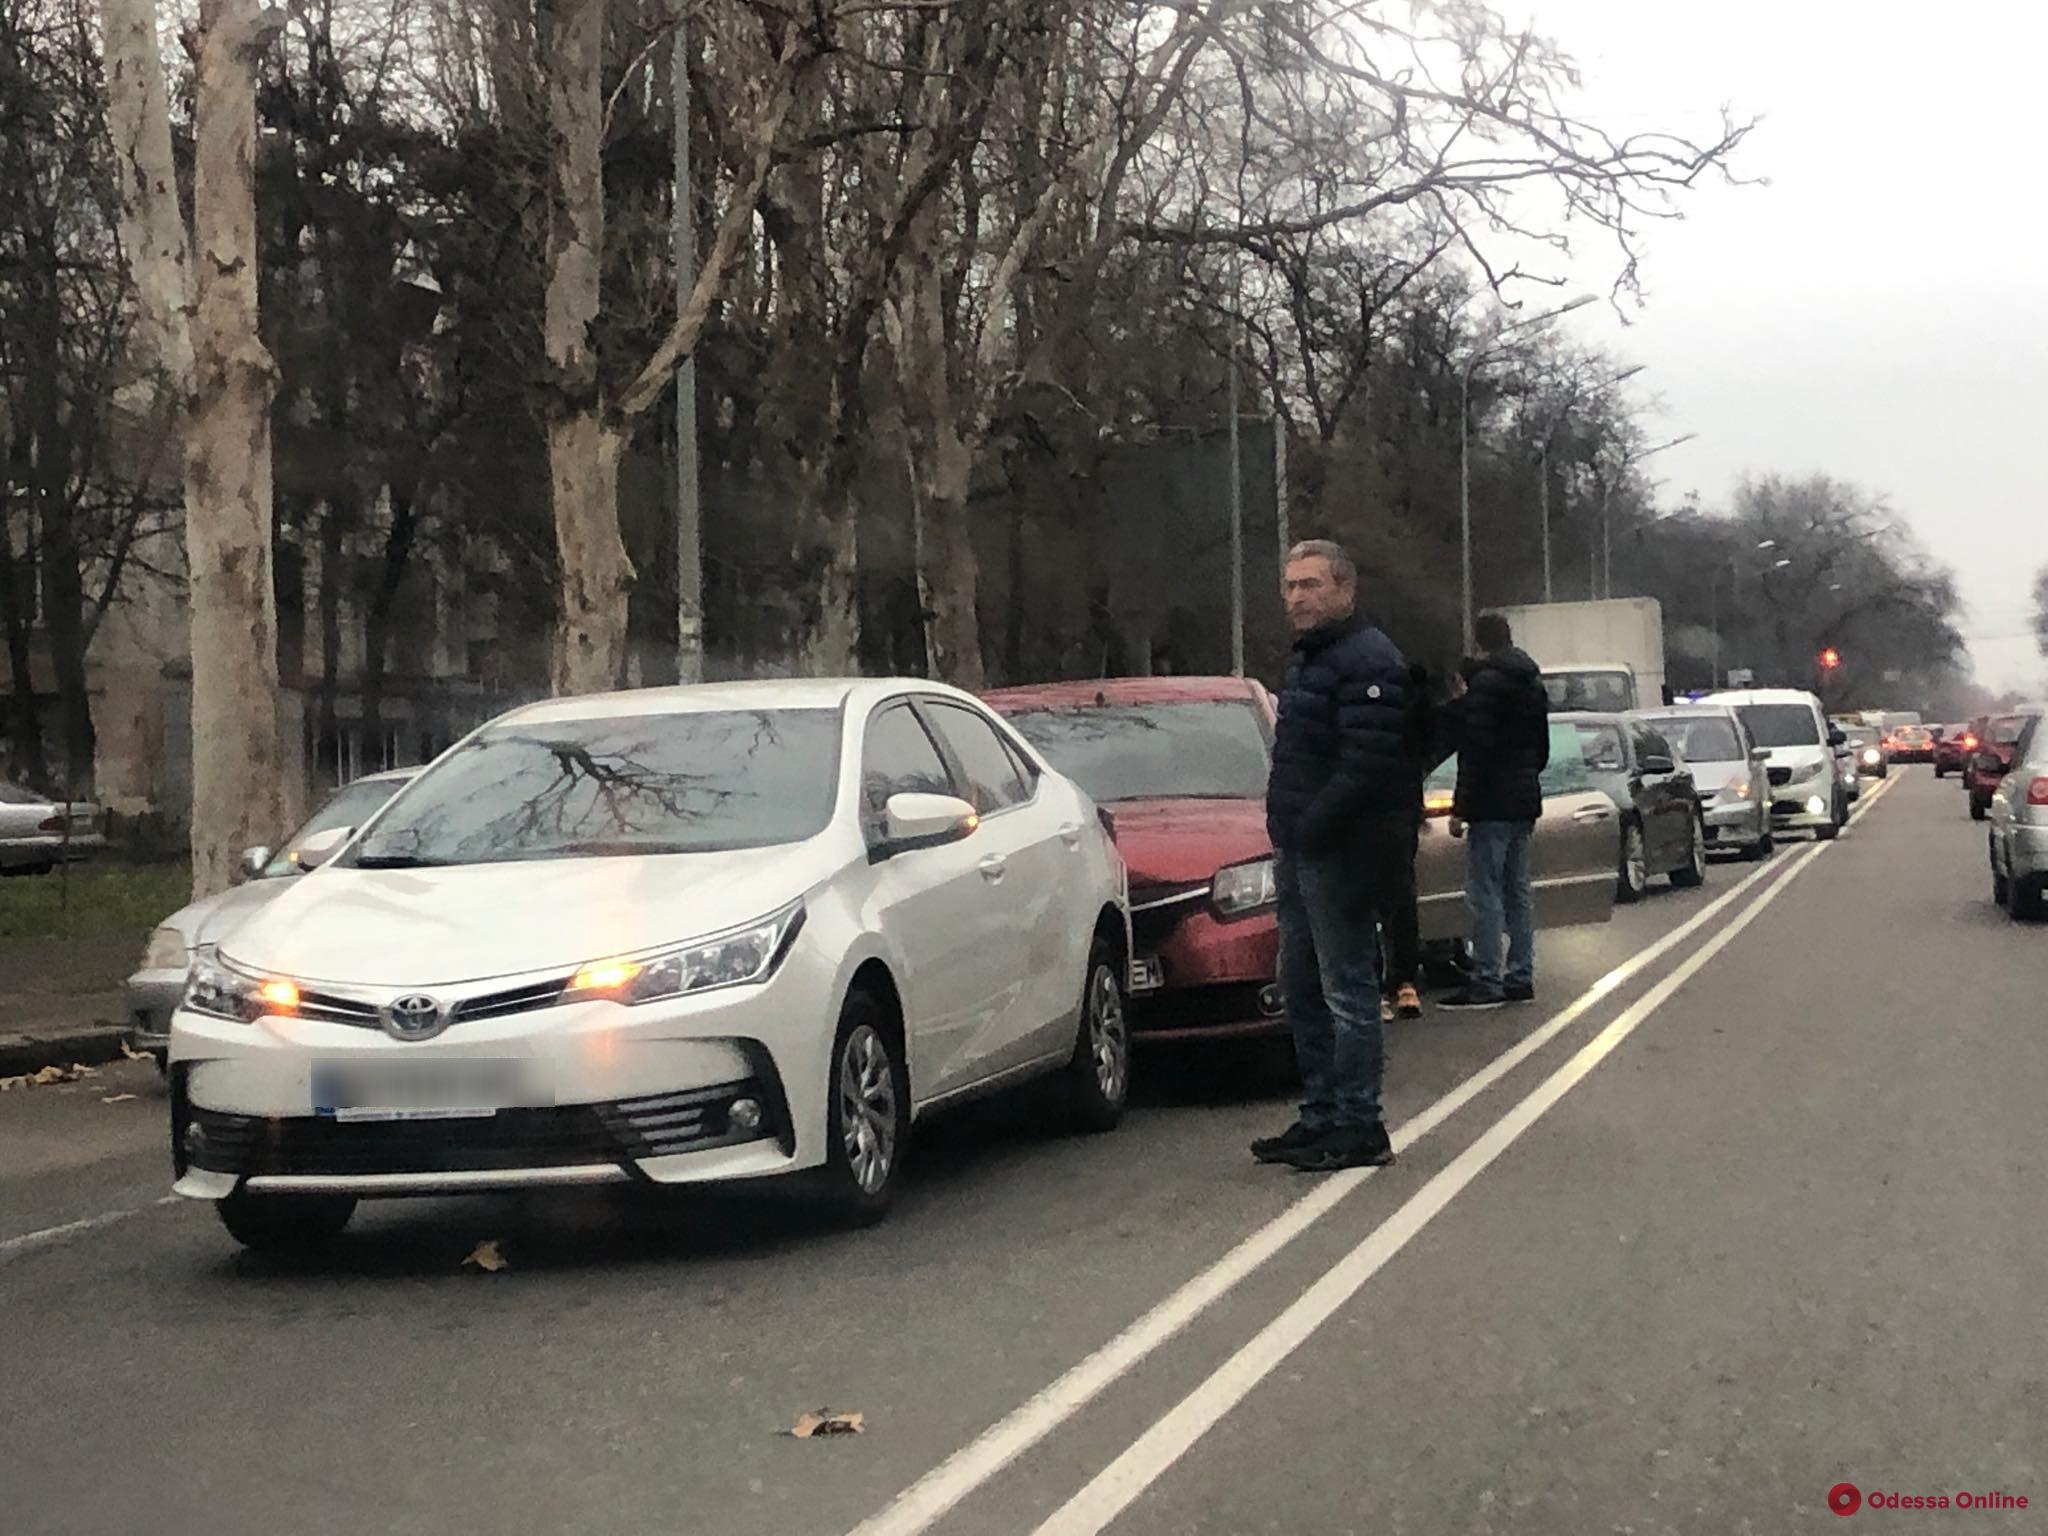 Из-за тройного ДТП на Фонтанской дороге образовалась пробка